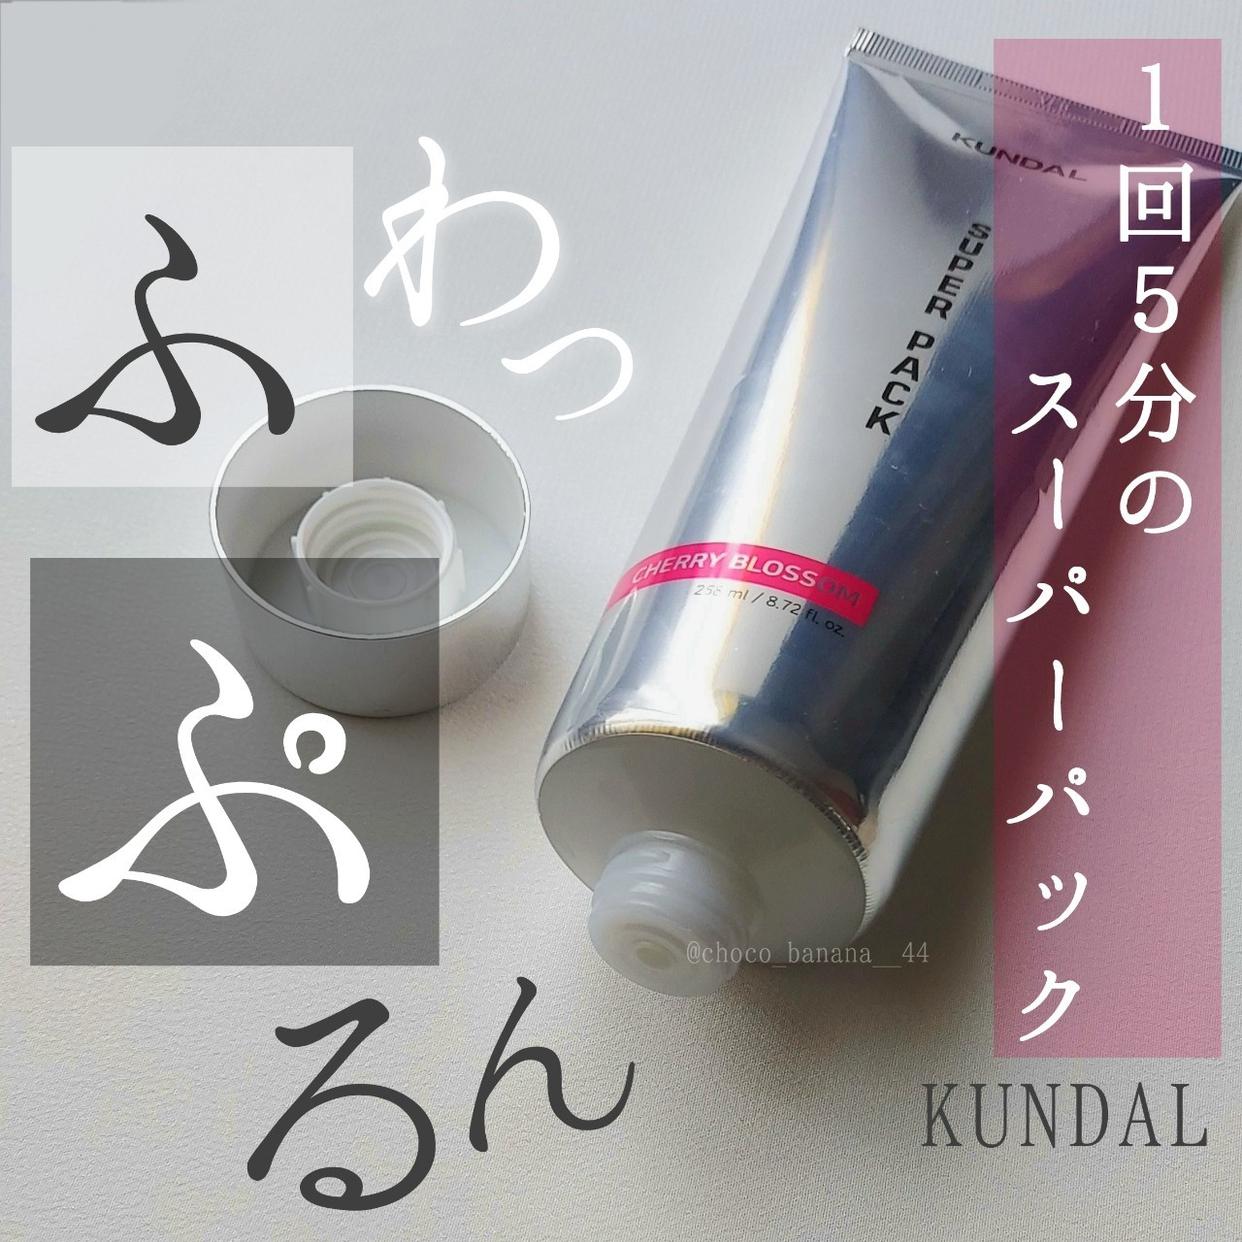 KUNDAL(クンダル) プレミアムヘアクリニックスーパーパックを使ったししさんのクチコミ画像1